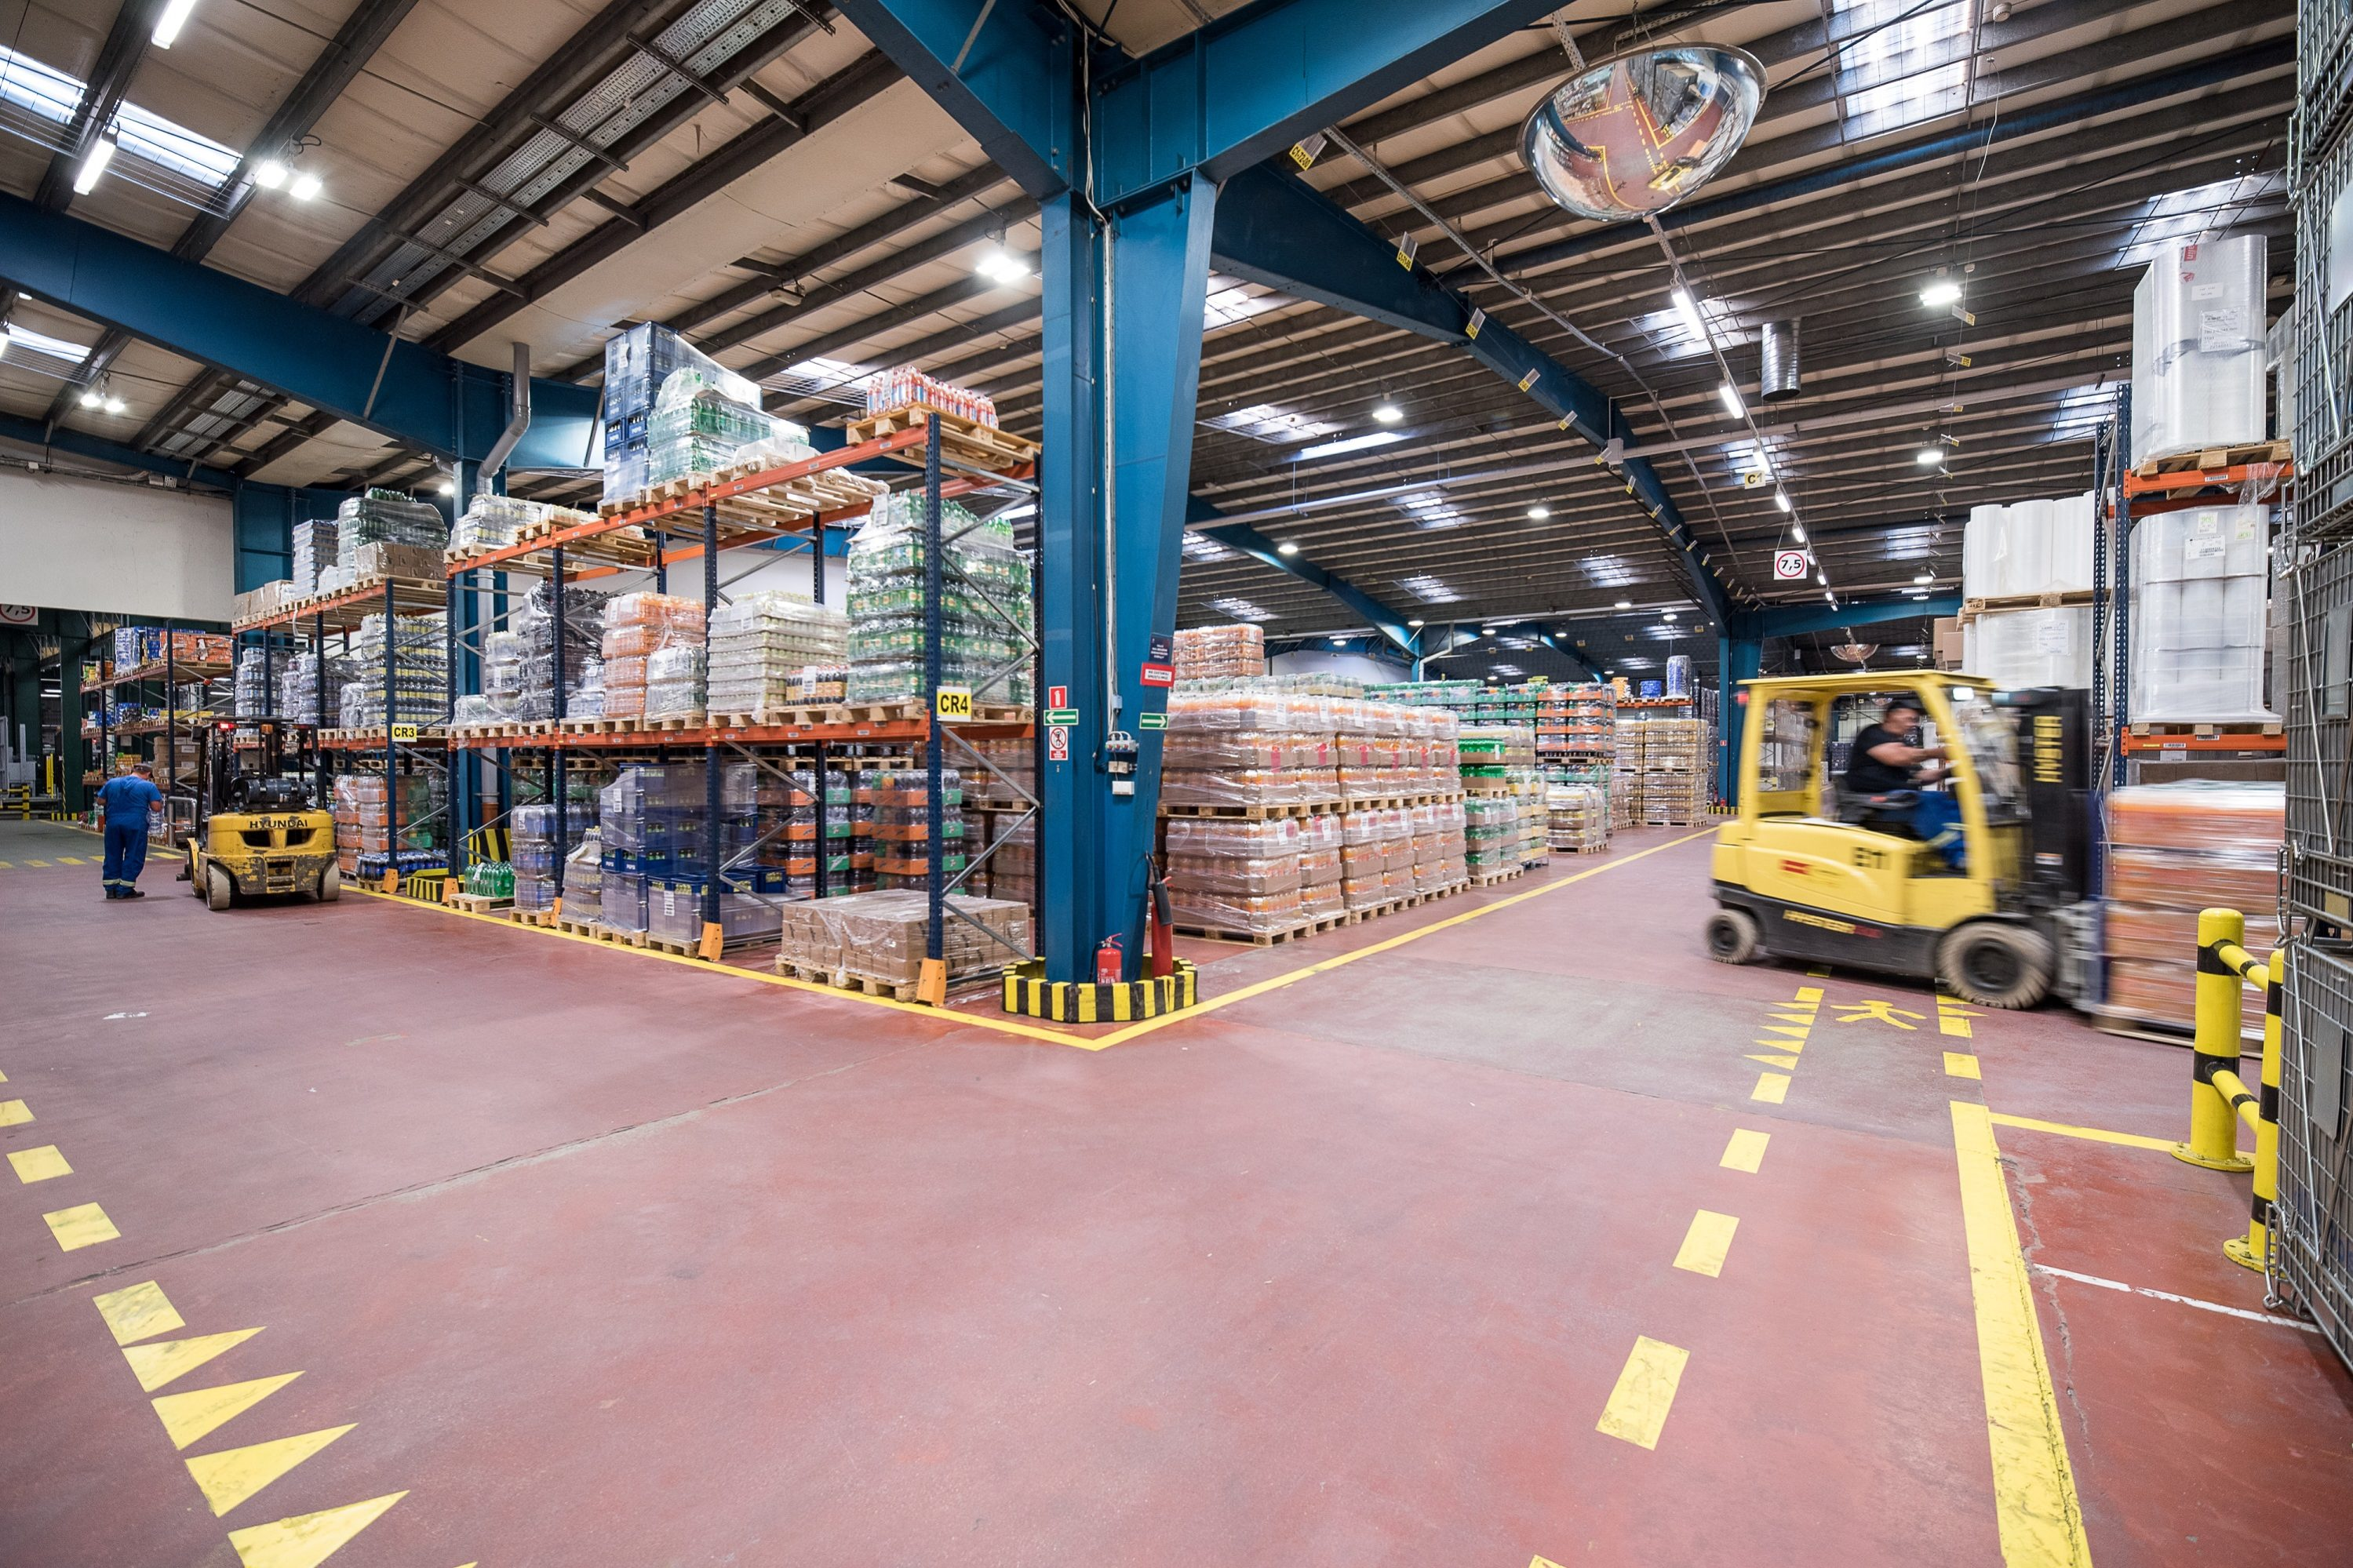 Oprawy przemysłowe Industrial i Highbay w części przemysłowej firmy Pepsico - Luxon LED